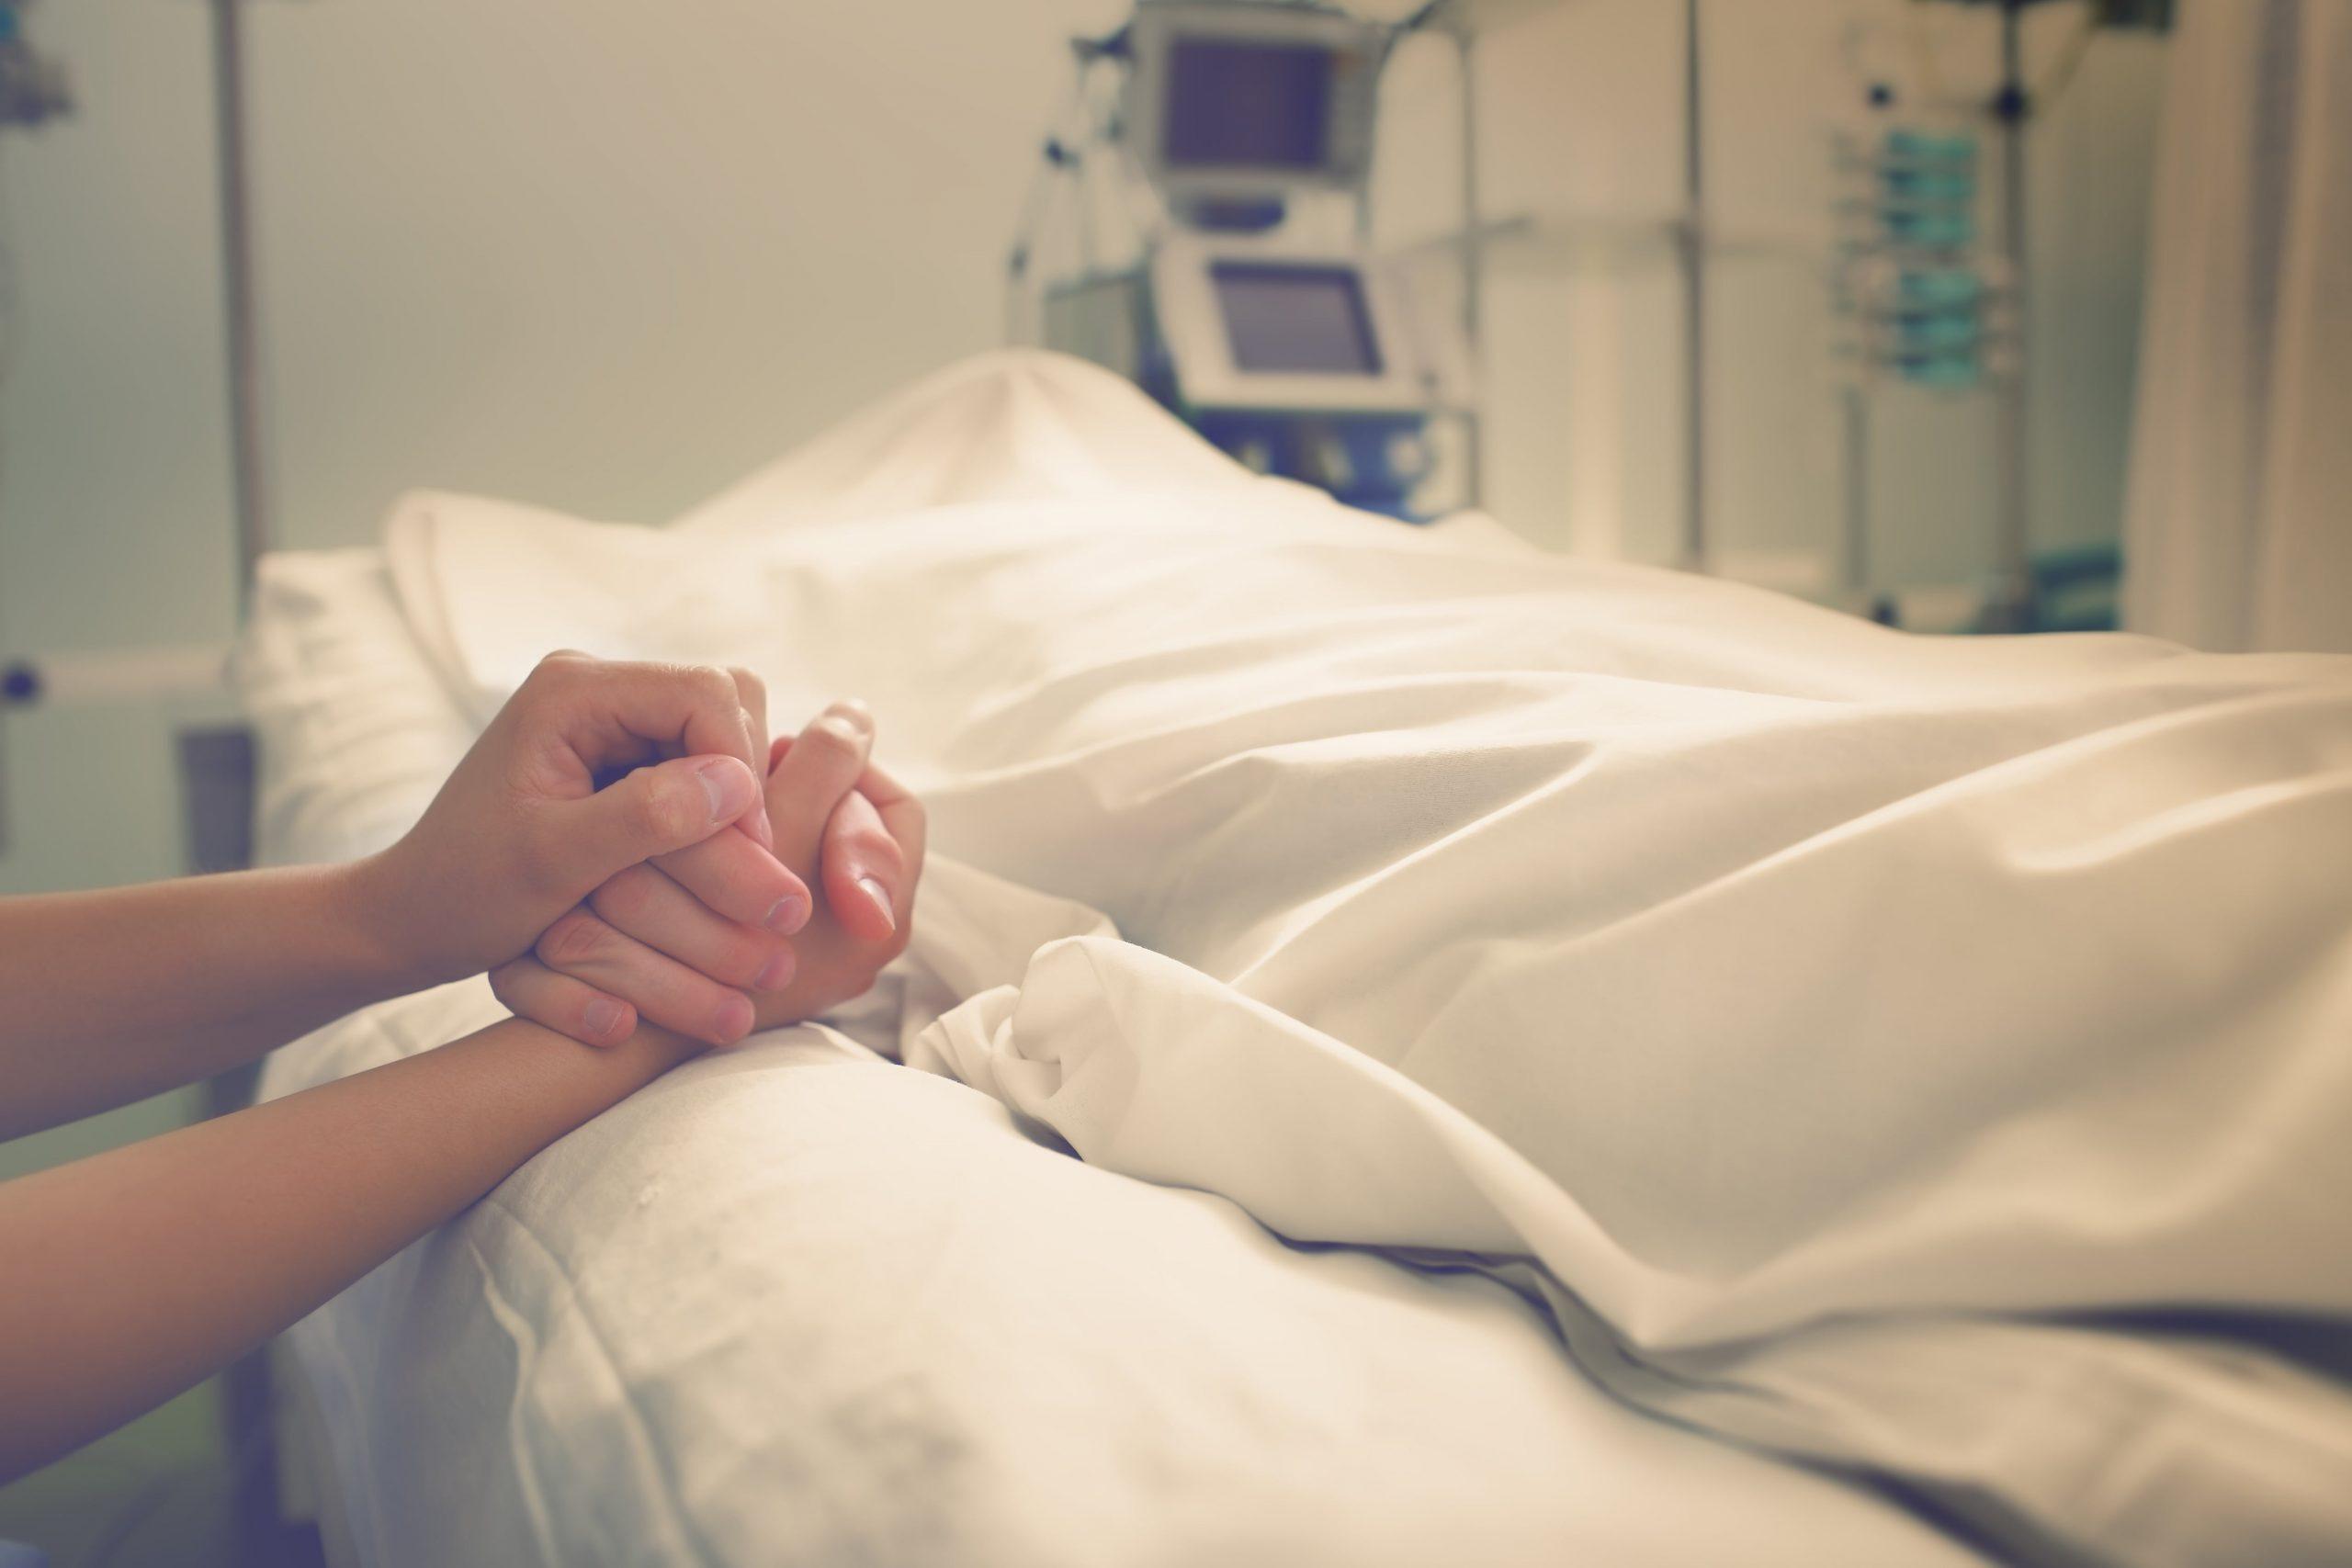 Orgaandonatie: pas na 'hersendood' en uitnemen organen treedt de echte dood in